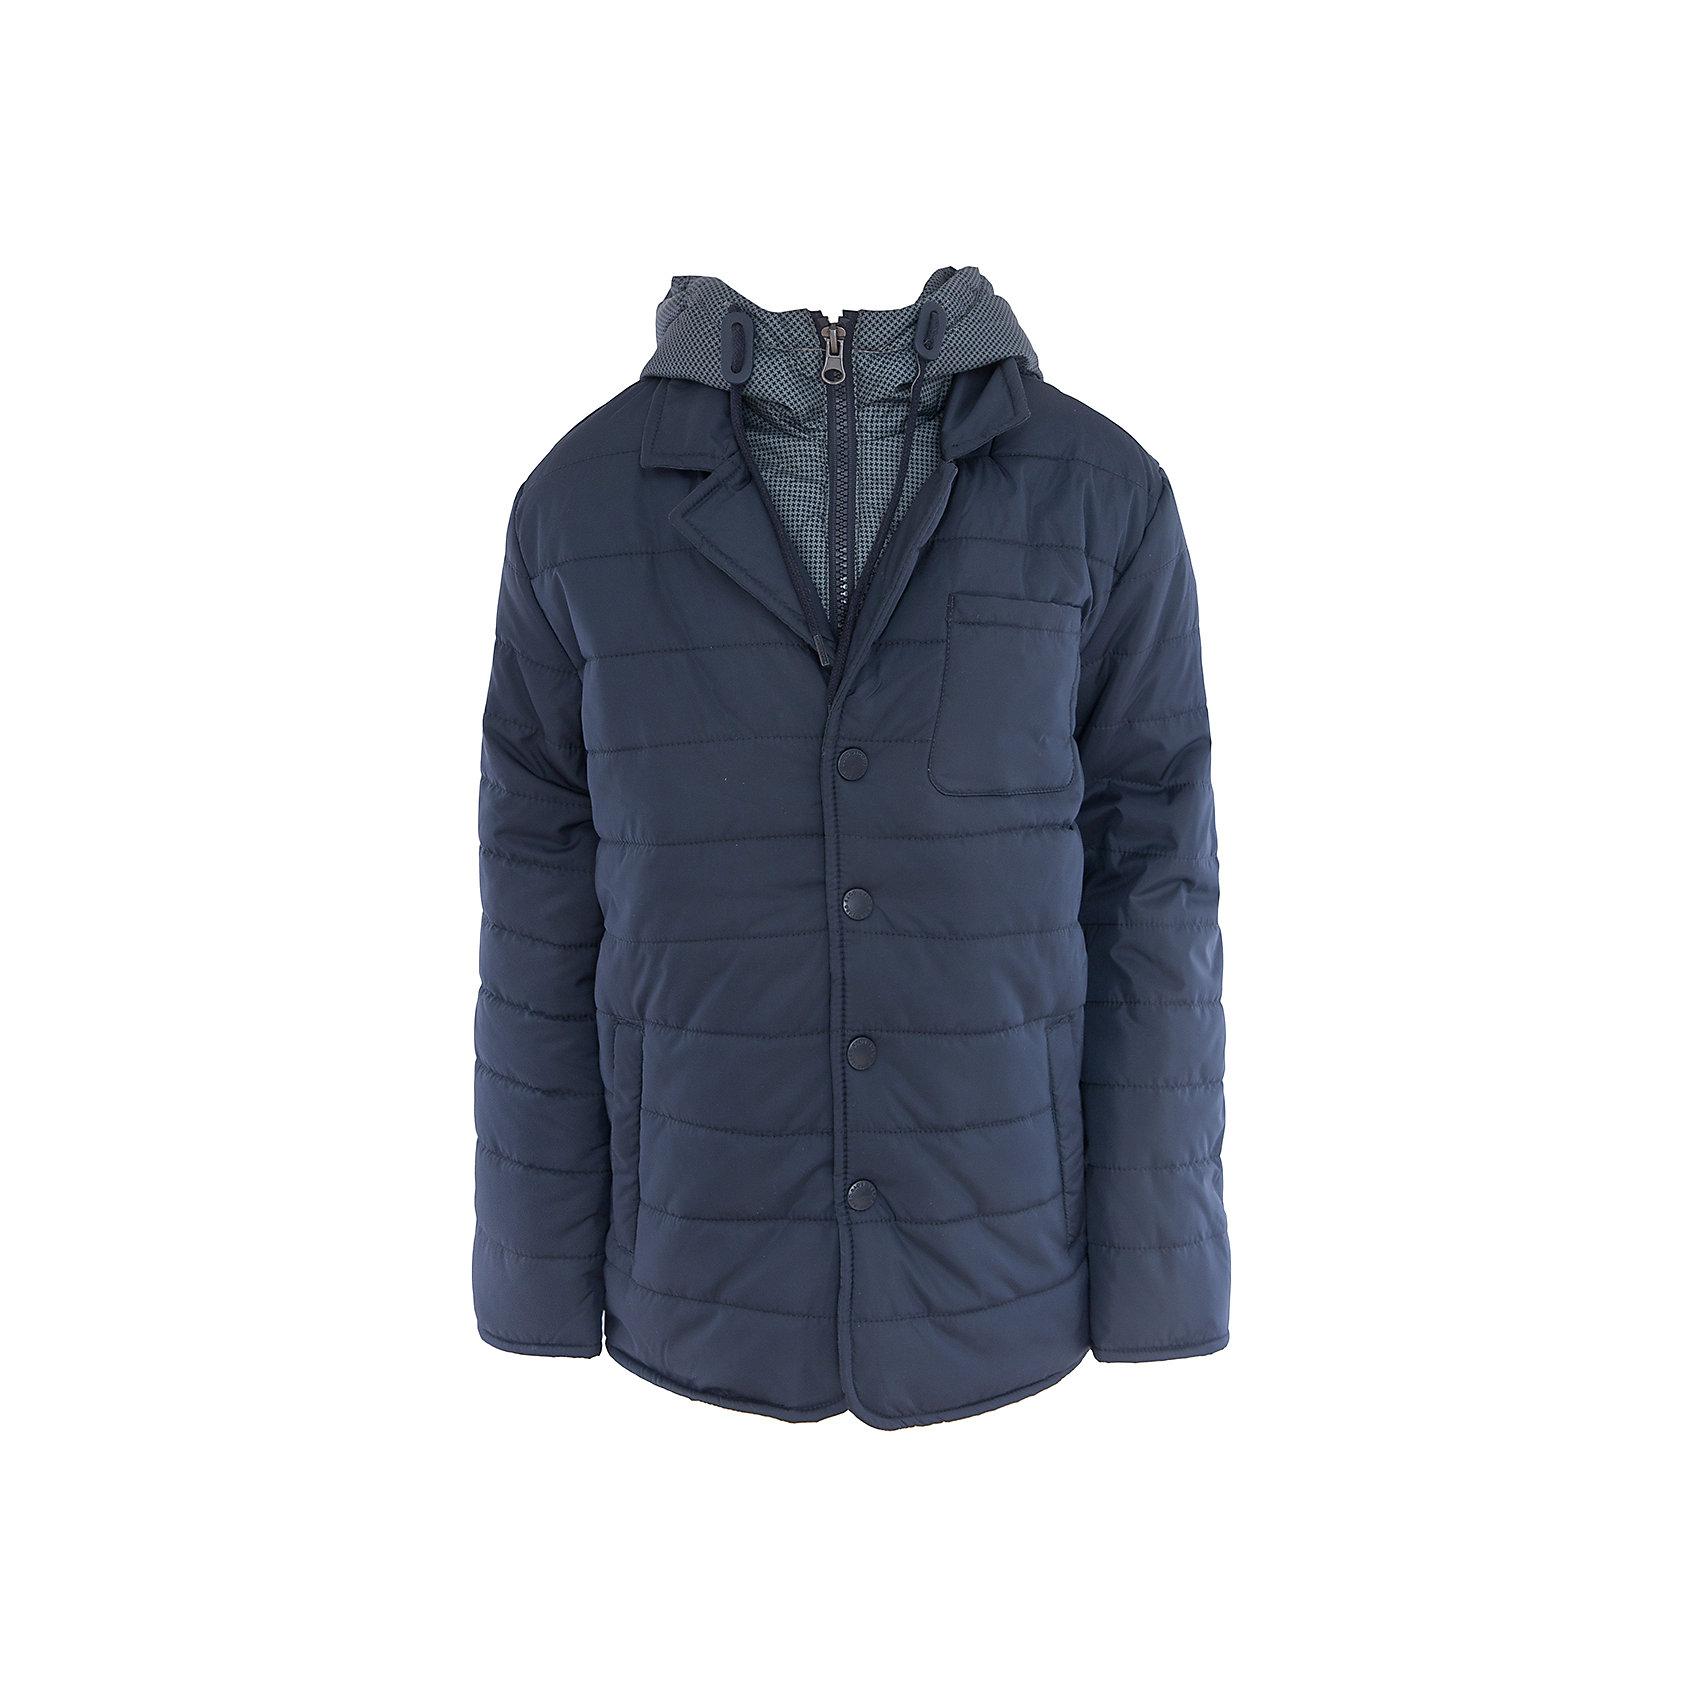 Куртка для мальчика SELAВерхняя одежда<br>Характеристики:<br><br>• Вид детской и подростковой одежды: куртка<br>• Пол: для мальчика<br>• Предназначение: повседневная<br>• Сезон: демисезон<br>• Температурный режим: до -5? С<br>• Тематика рисунка: без рисунка<br>• Цвет: темно-синий<br>• Материал: полиэстер 100%, утеплитель – полиэстер, 100%<br>• Силуэт: прямой<br>• Длина куртки: до середины бедра<br>• Капюшон: притачной, с карабинами и молнией<br>• Воротник: отложной, пиджачного типа<br>• Застежка: пуговицы, спереди<br>• Спереди имеются карманы <br>• Особенности ухода: допускается щадящая стирка и химчистка<br><br>Куртка для мальчика SELA из коллекции детской и подростковой одежды от знаменитого торгового бренда, который производит удобную, комфортную и стильную одежду, предназначенную как для будней, так и для праздников. Куртка выполнена из полиэстера, который обладает влагонепроницаемыми и ветрозащитными свойствами. Утеплитель и подклад обеспечивает поддержание комфортной температуры. Длина куртки – средняя, что защищает спину от продувания. Спереди имеется застежка на на пуговицах и карманы. Особый стилевой дизайн куртке придают отложной воротник пиджачного типа и капюшон контрастного цвета с застежкой молнией. Стеганая курточка выполнена в классическом темно-синем цвете. <br><br>Куртку для мальчика SELA можно купить в нашем интернет-магазине.<br><br>Ширина мм: 356<br>Глубина мм: 10<br>Высота мм: 245<br>Вес г: 519<br>Цвет: синий<br>Возраст от месяцев: 84<br>Возраст до месяцев: 96<br>Пол: Мужской<br>Возраст: Детский<br>Размер: 128,140,152,116<br>SKU: 5305153